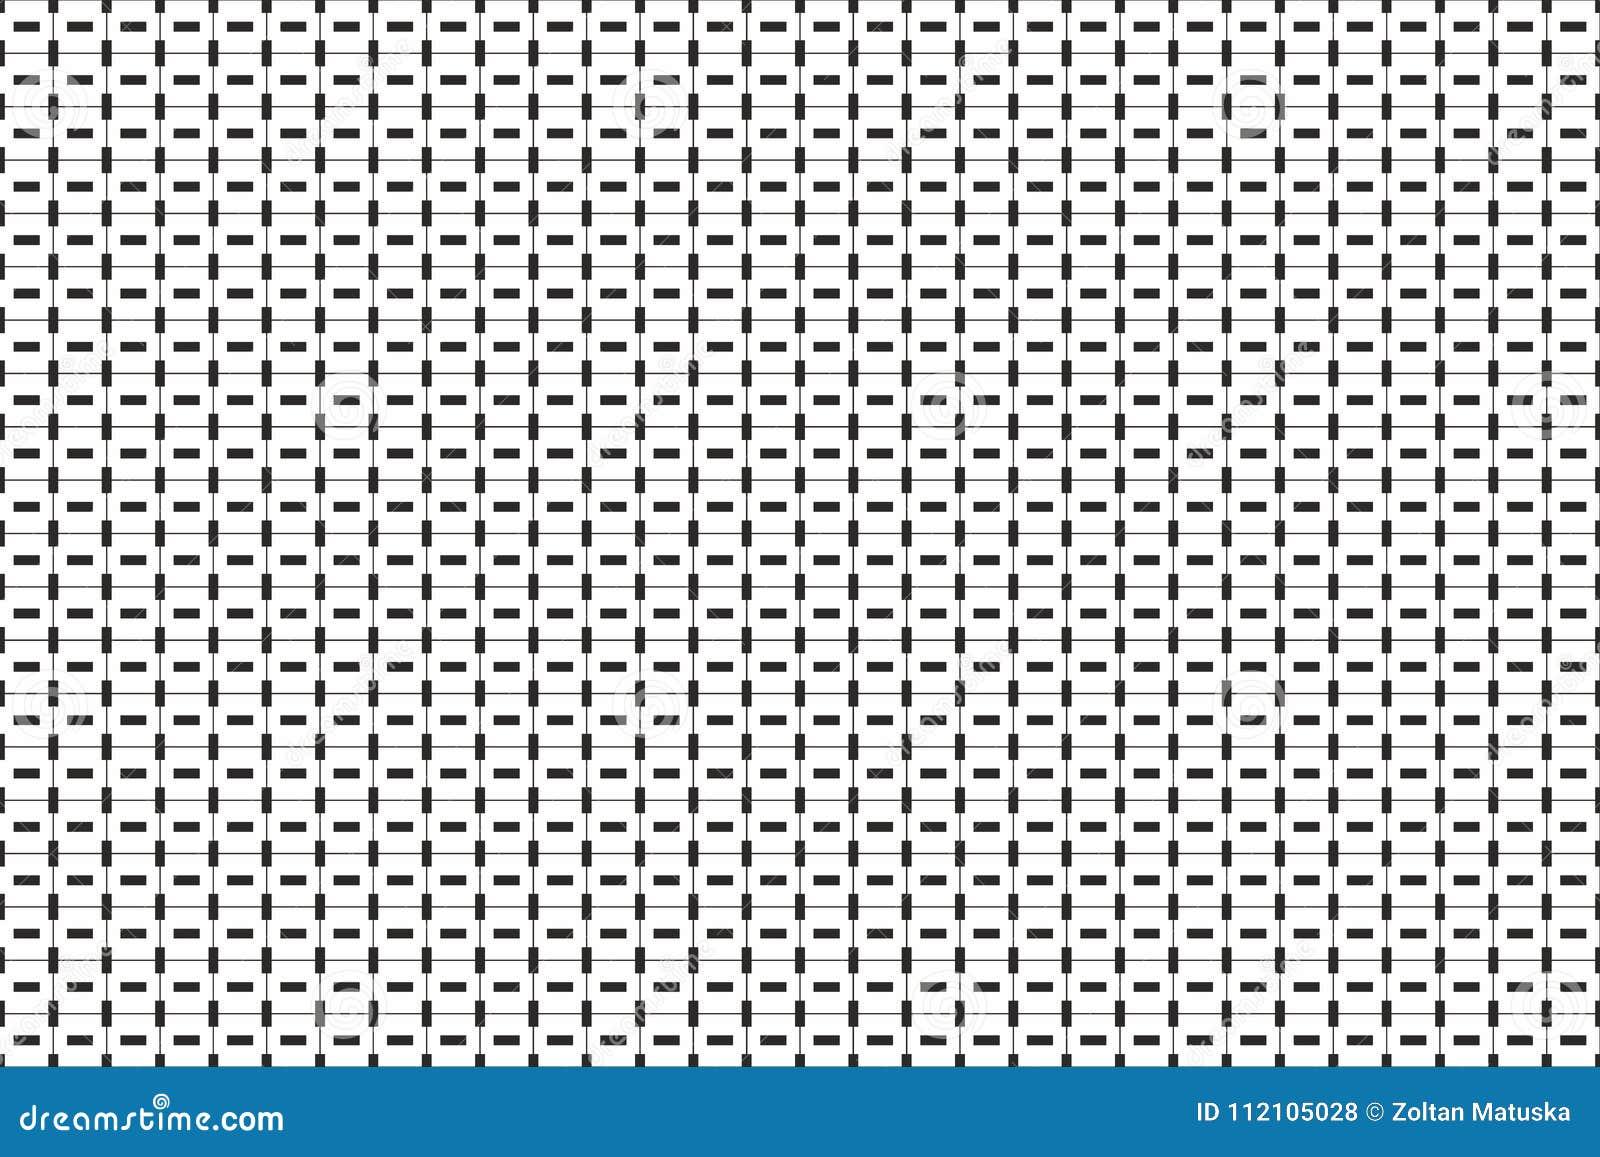 Linhas Pequenas Monocromaticas Teste Padrao Geometrico Listras